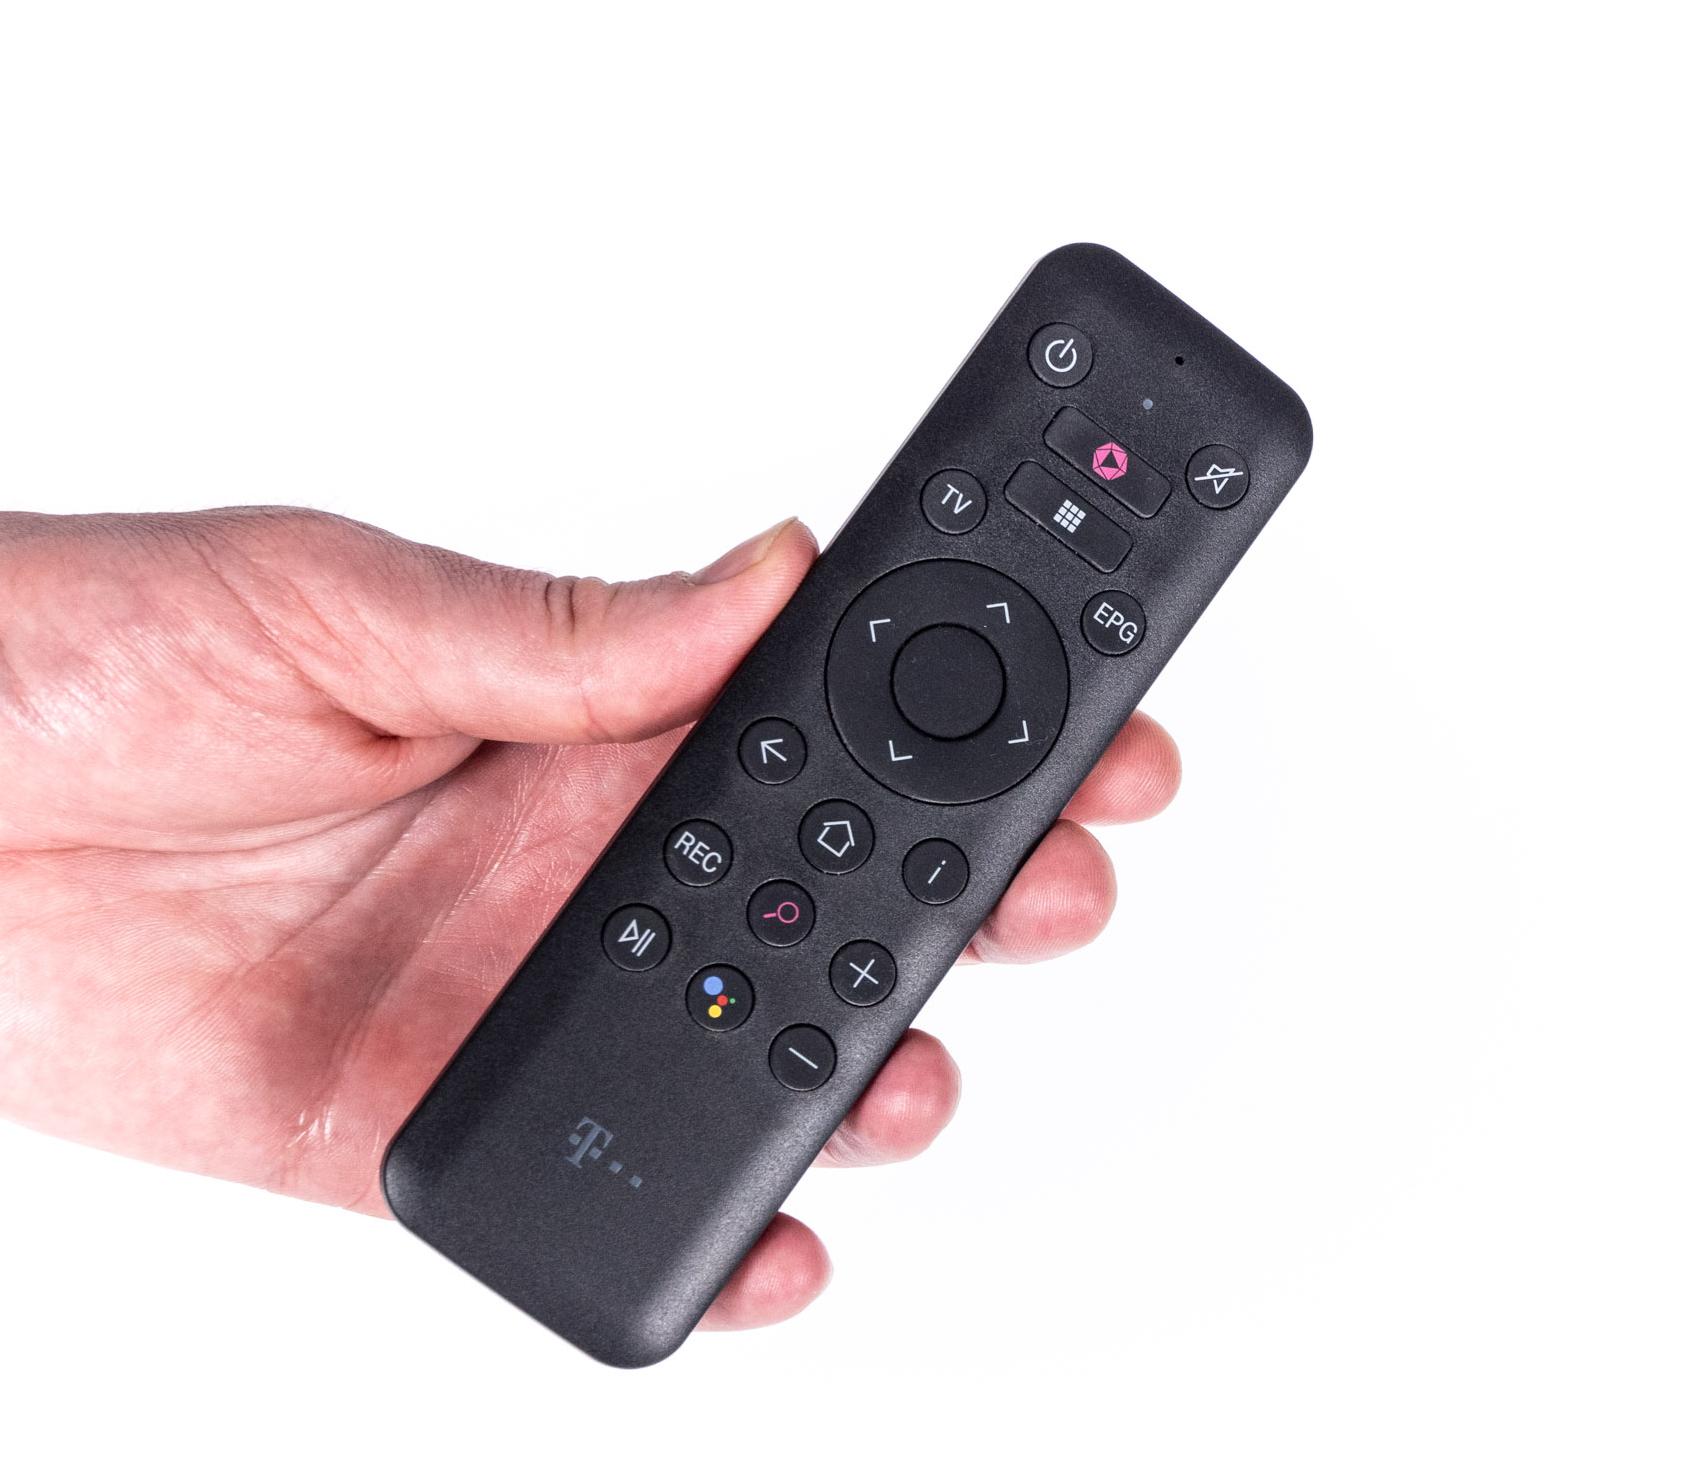 Verkauf des Magenta-TV-Stick: Magenta TV und Disney+ jeweils drei Monate kostenlos -